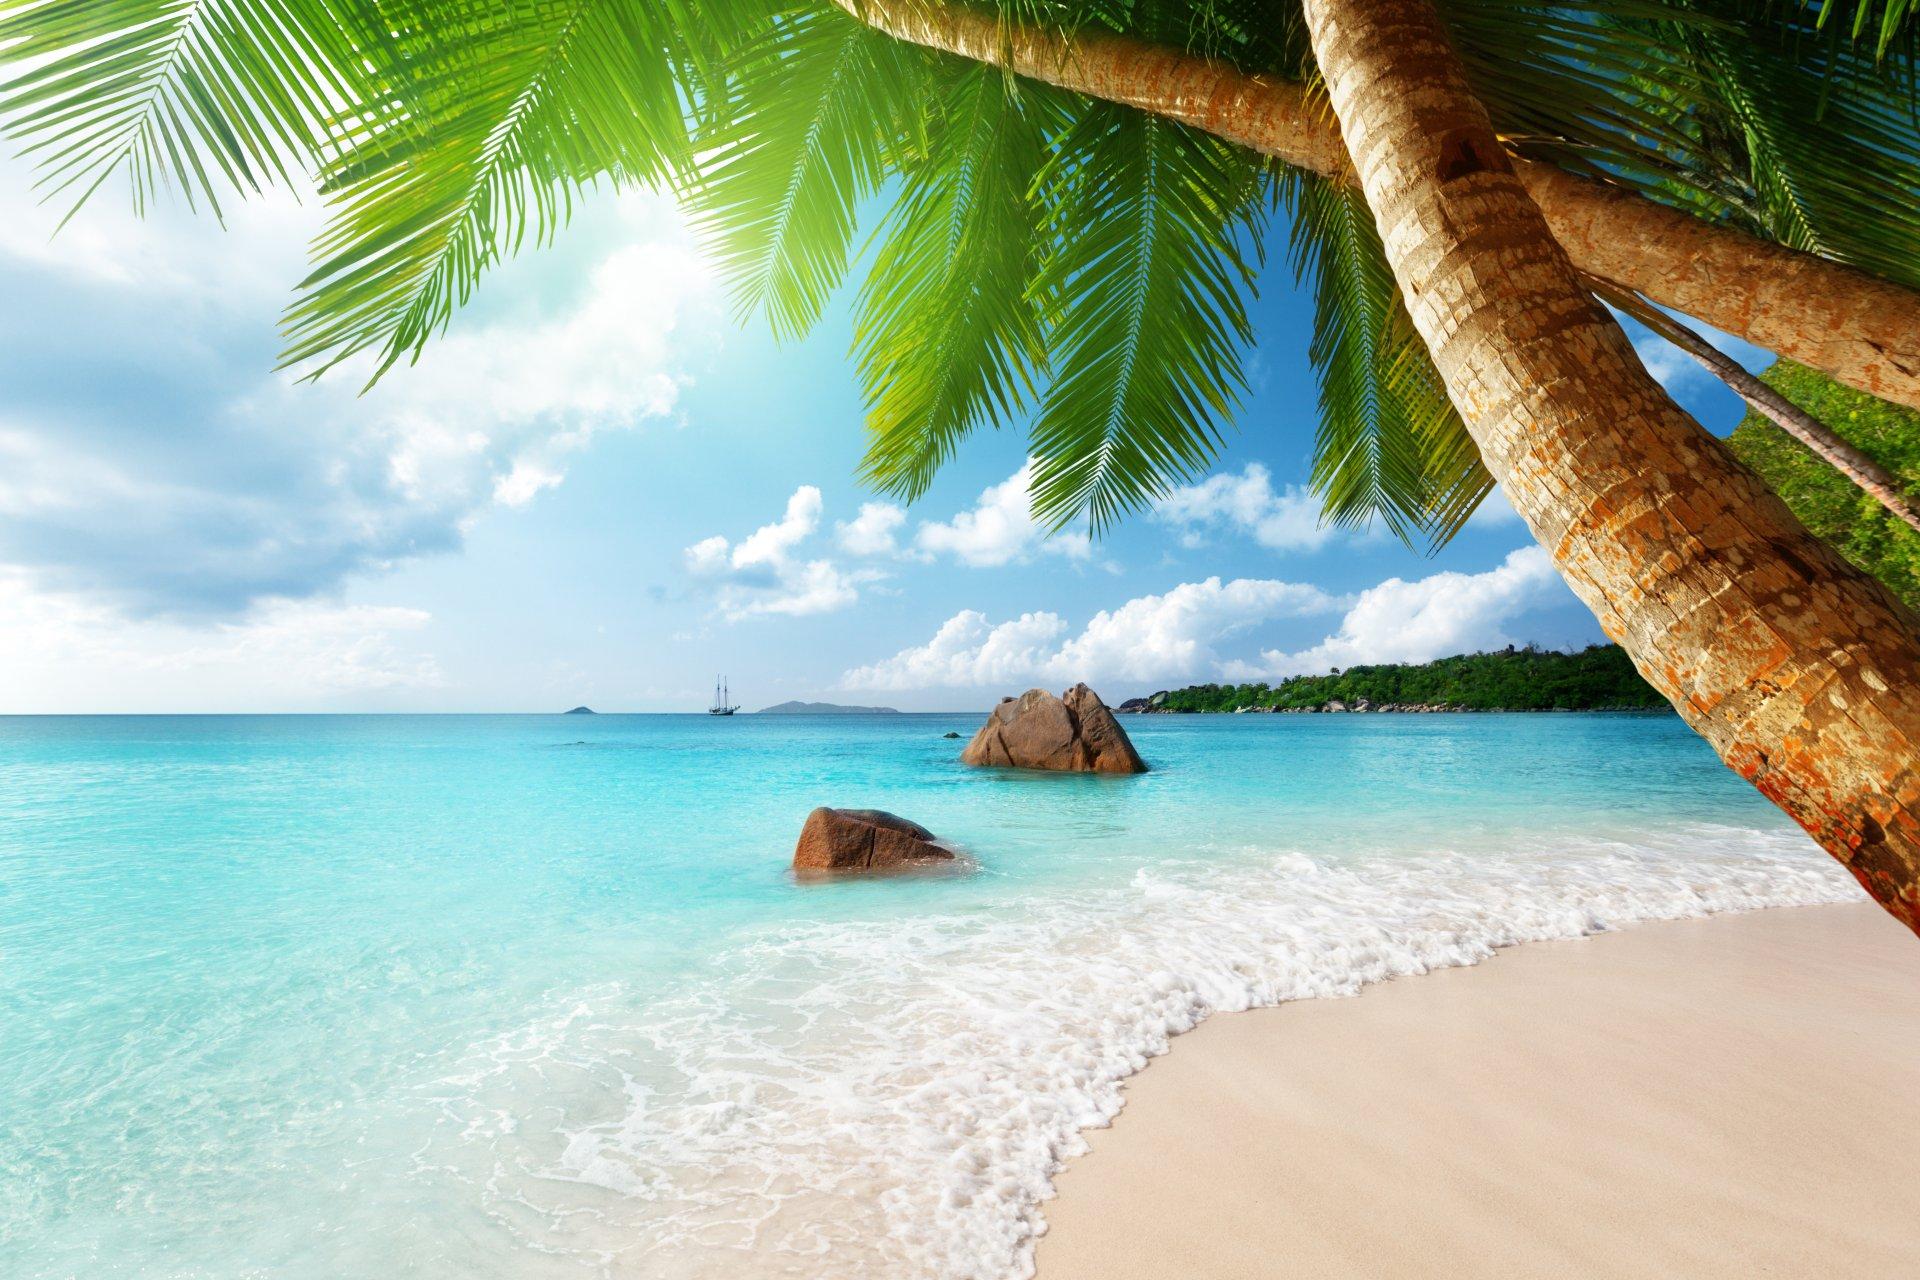 пальмы море солнце фото